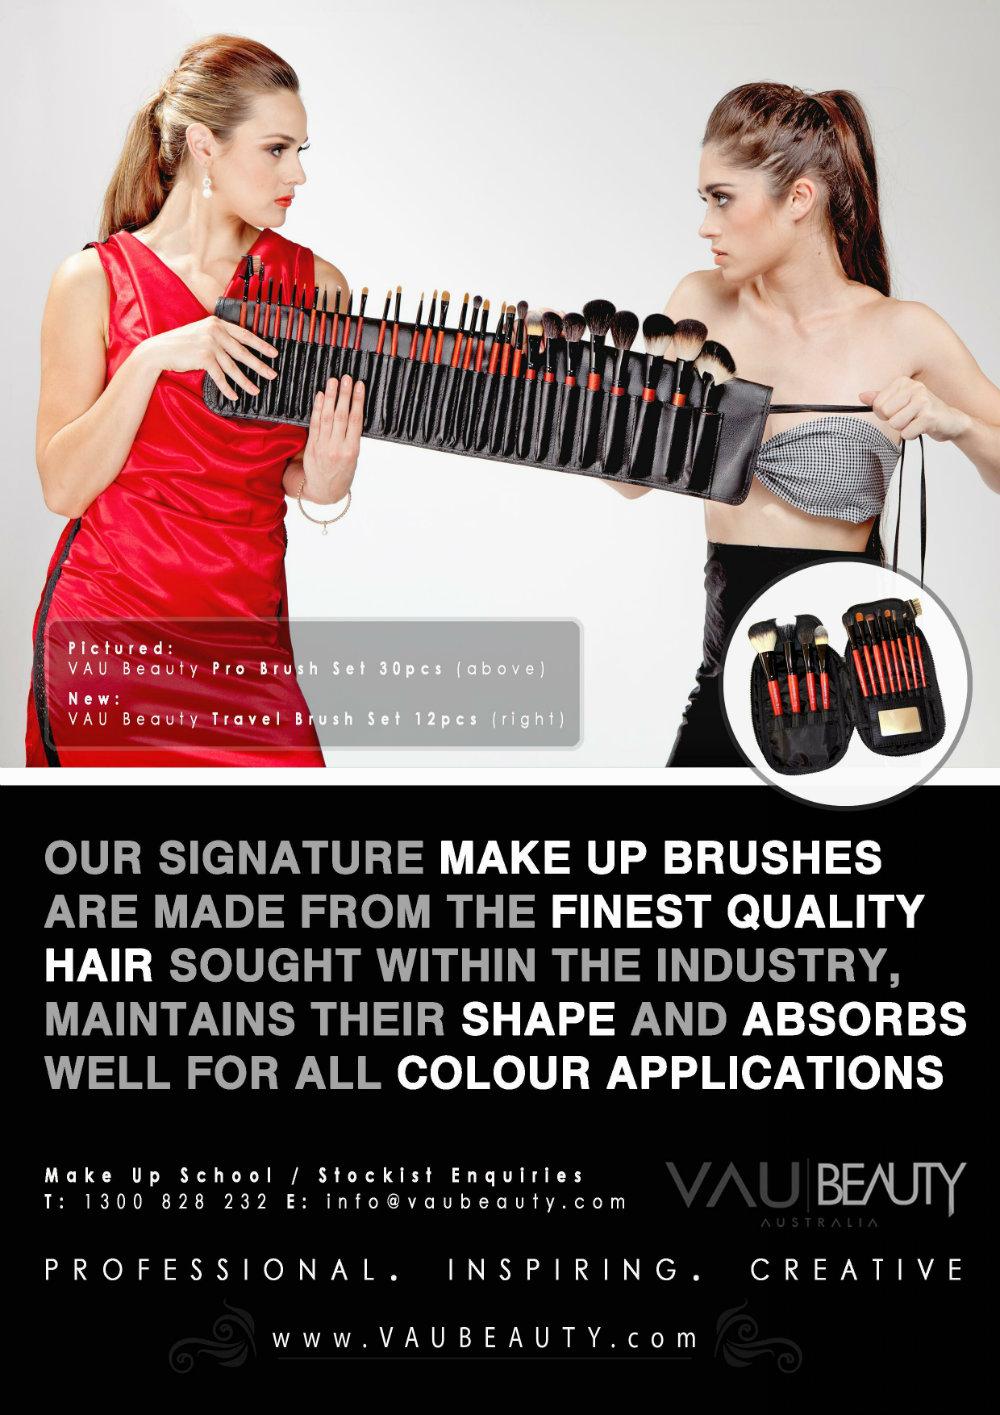 make-up-brush-30pcs-low-res.jpg